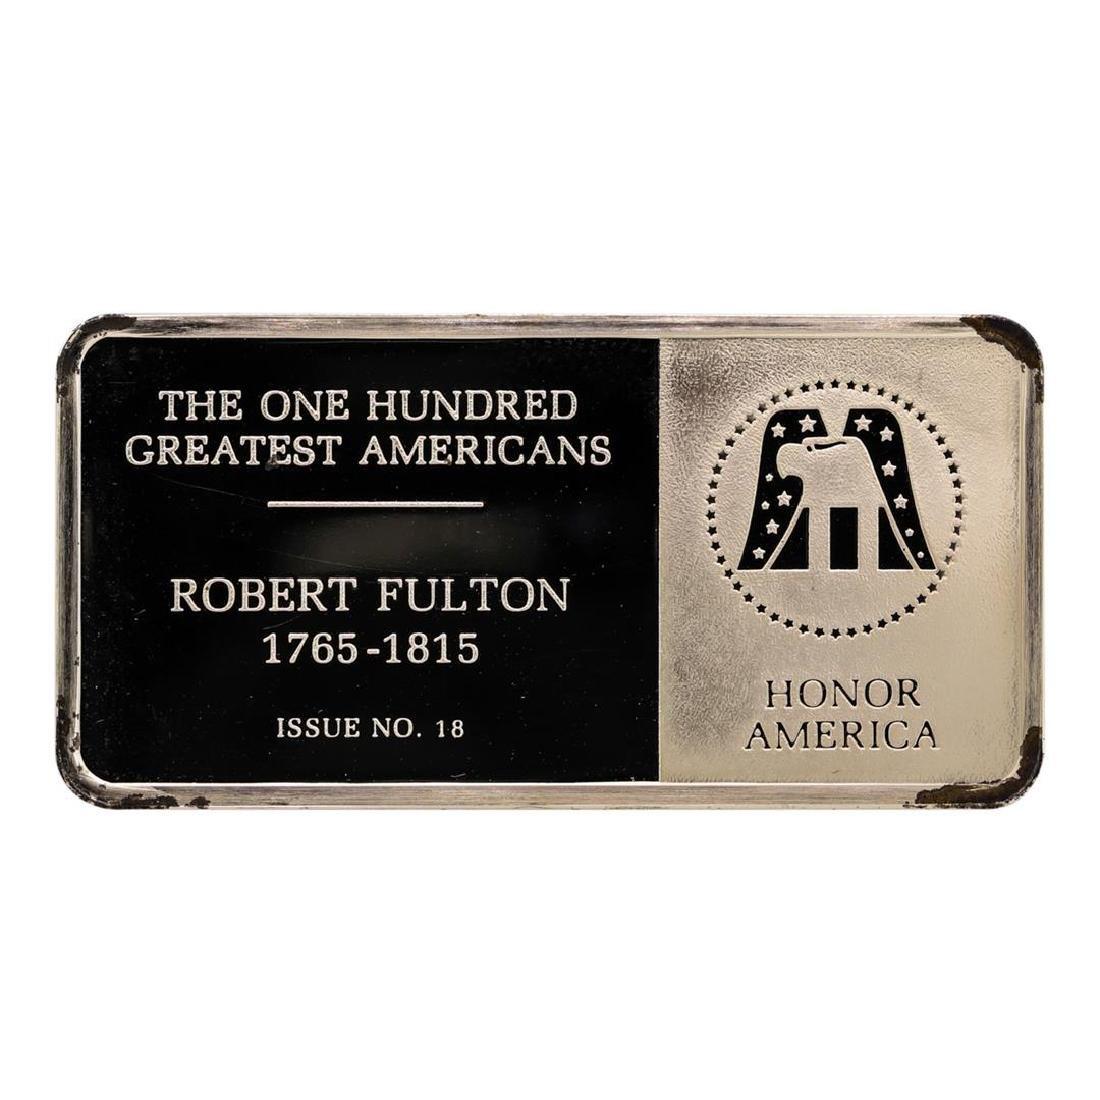 500 Grain Sterling Silver Franklin Mint 100 Greatest - 2